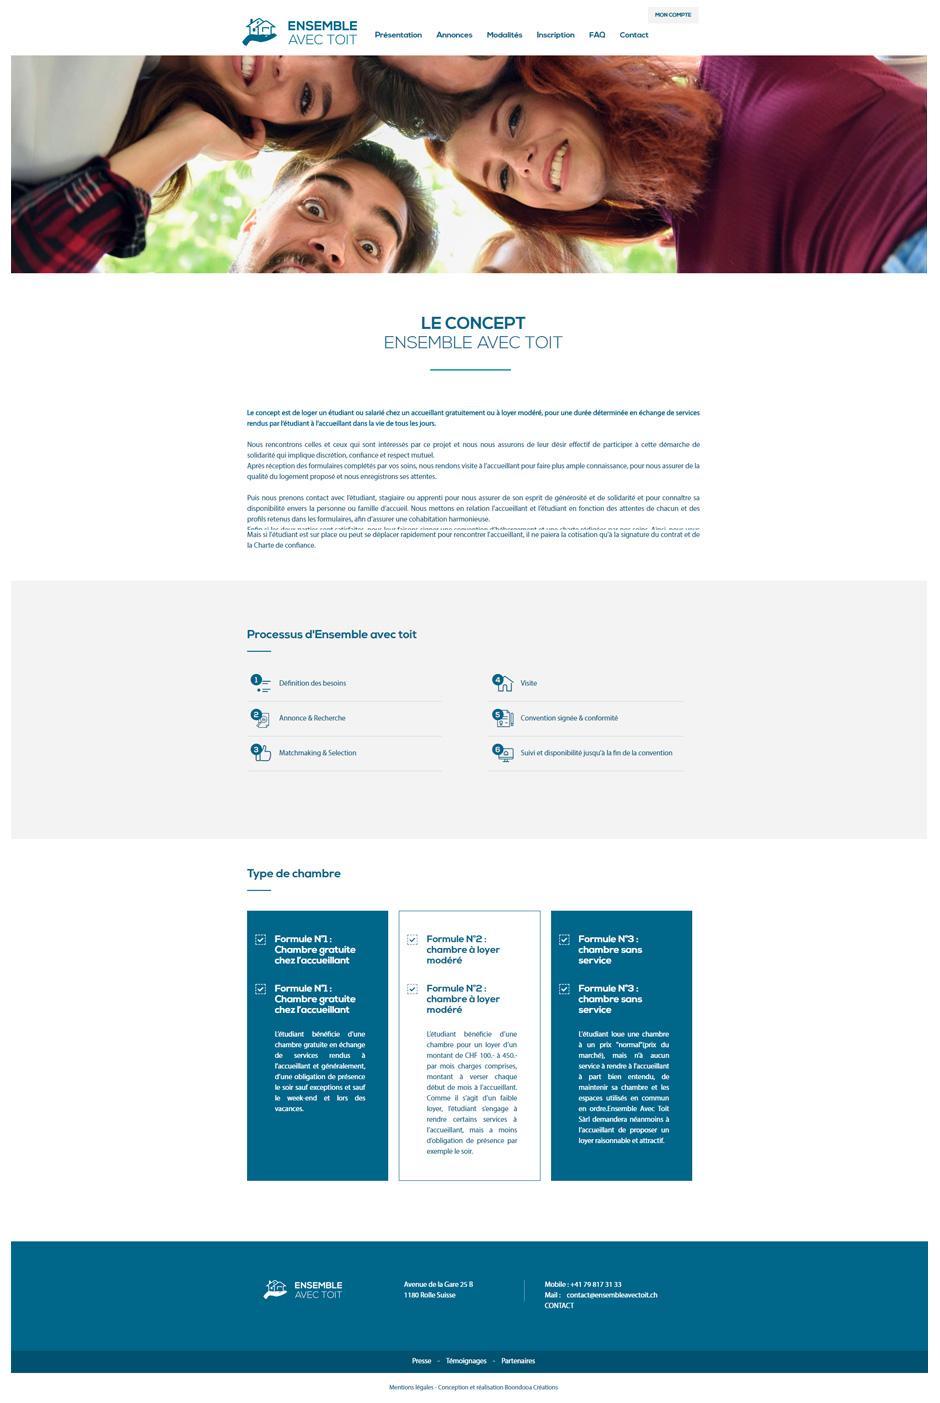 Page du concept site Ensemble avec toit